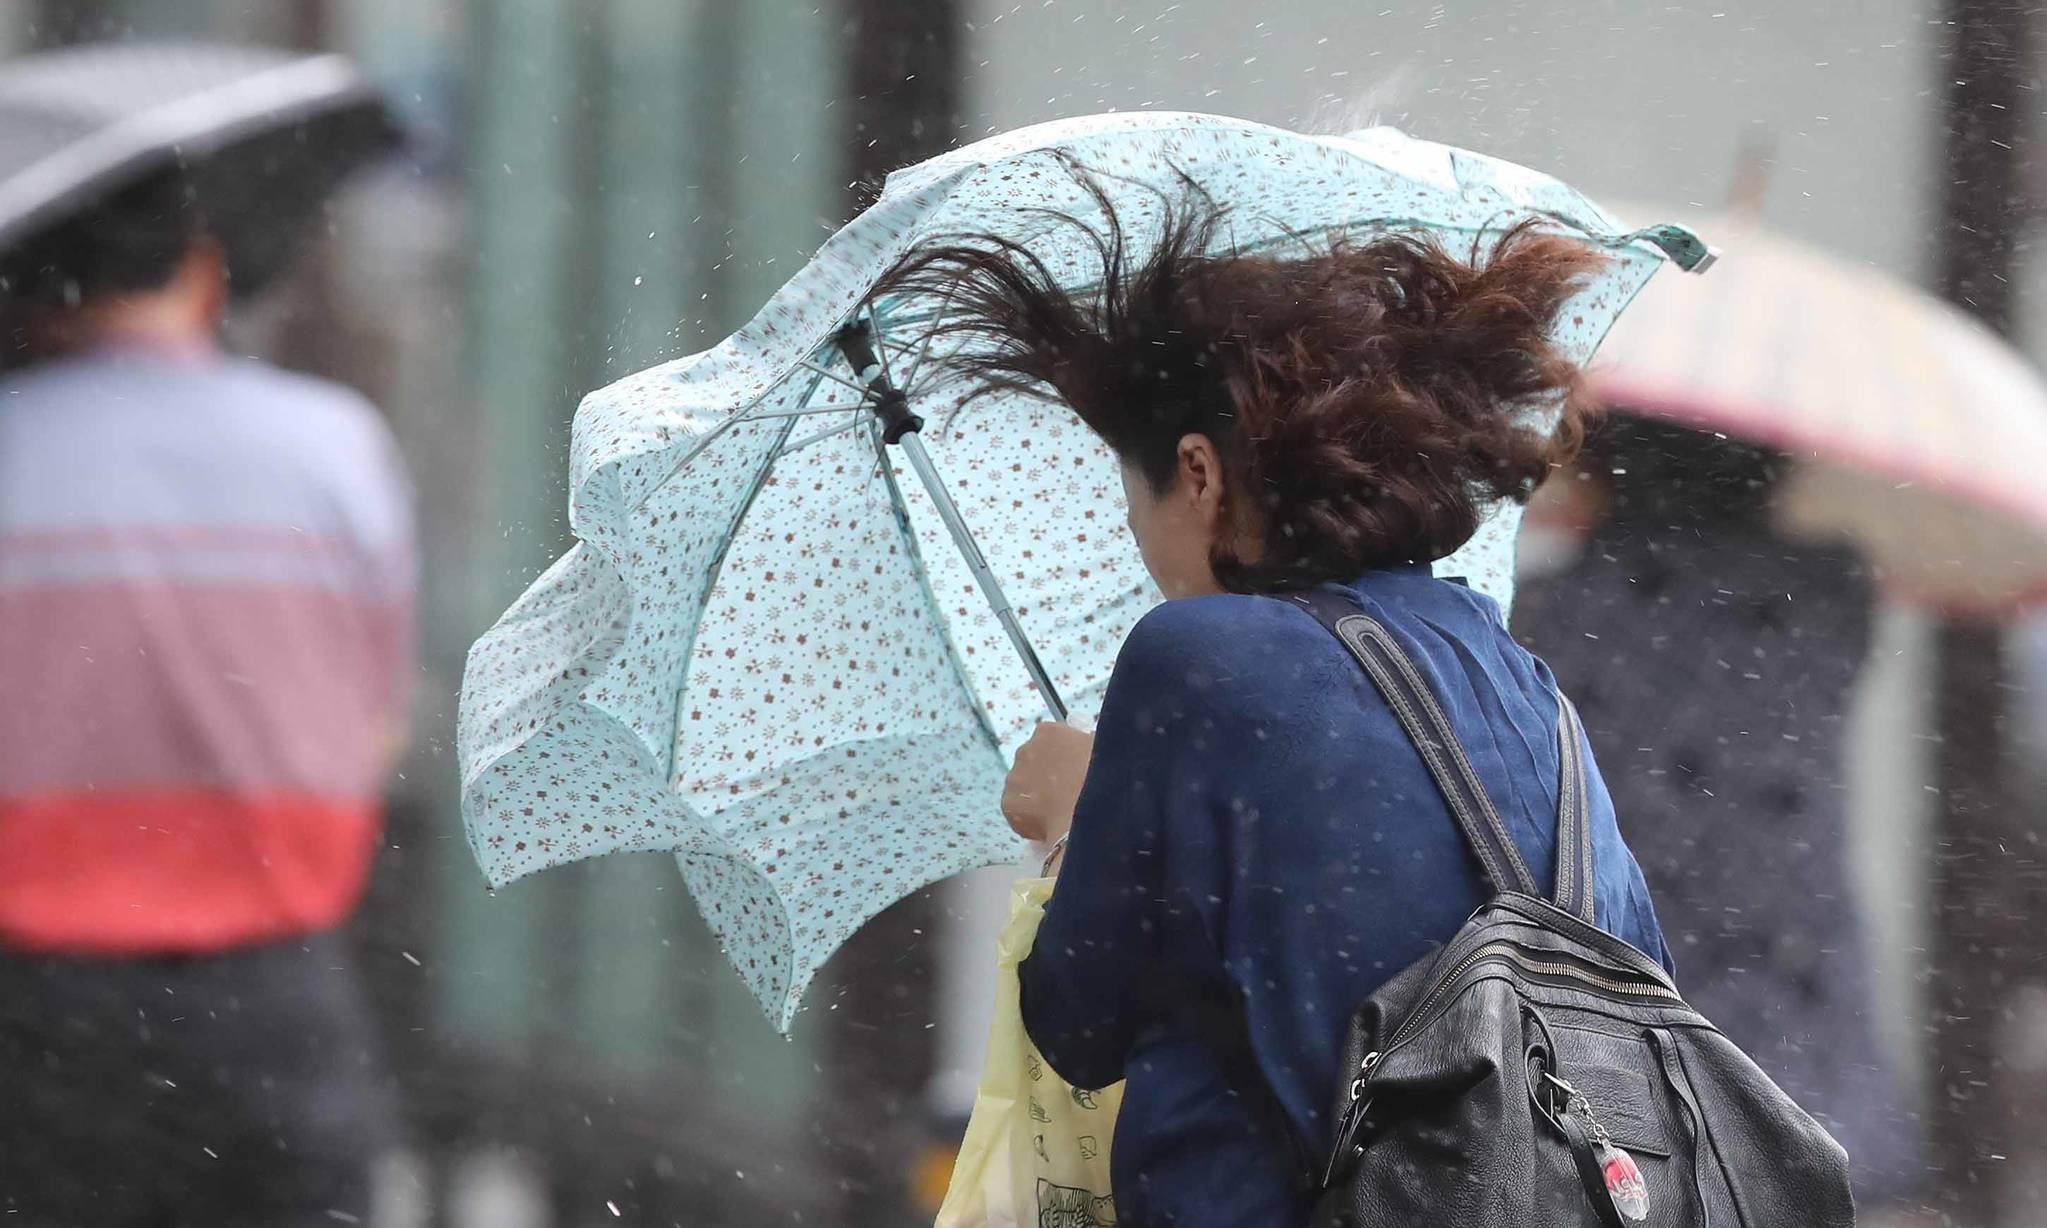 제7호 태풍 '쁘라삐룬'의 북상하며 부산 앞바다를 지나는 3일 오후 부산 동구 수정동 부산진역 부근에서 시민들이 우산으로 비바람을 피하며 힘겹게 걸어가고 있다. 송봉근 기자